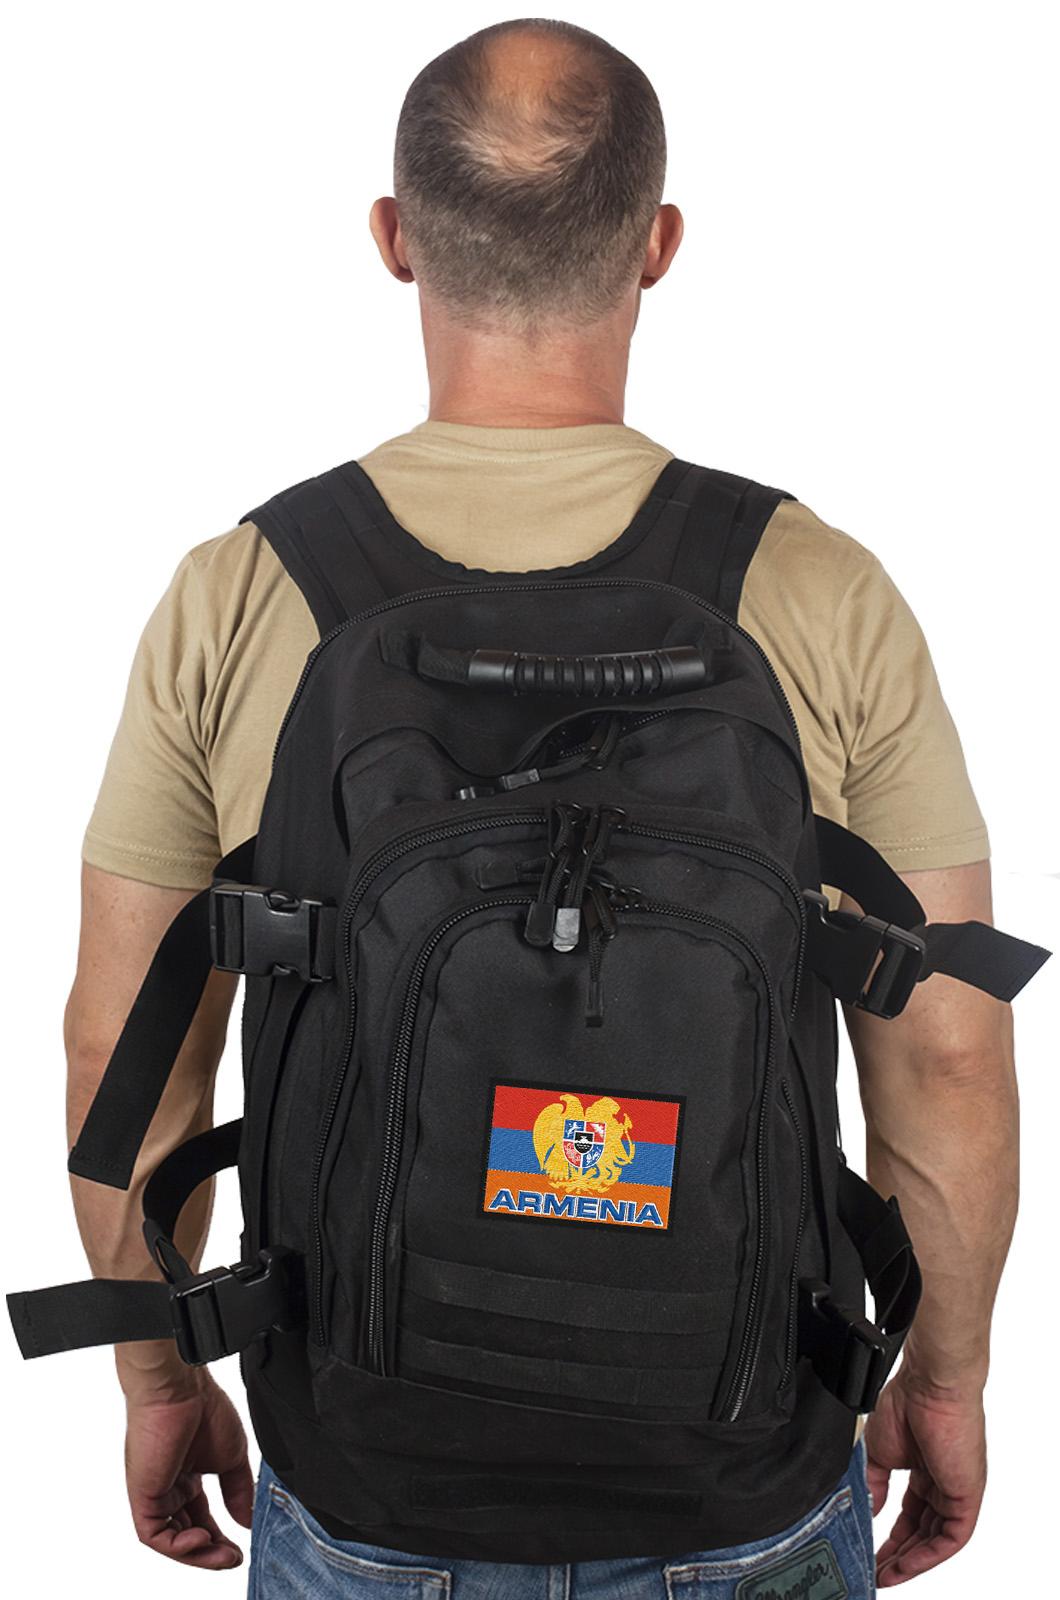 Чёрный рюкзак универсального типа Армения